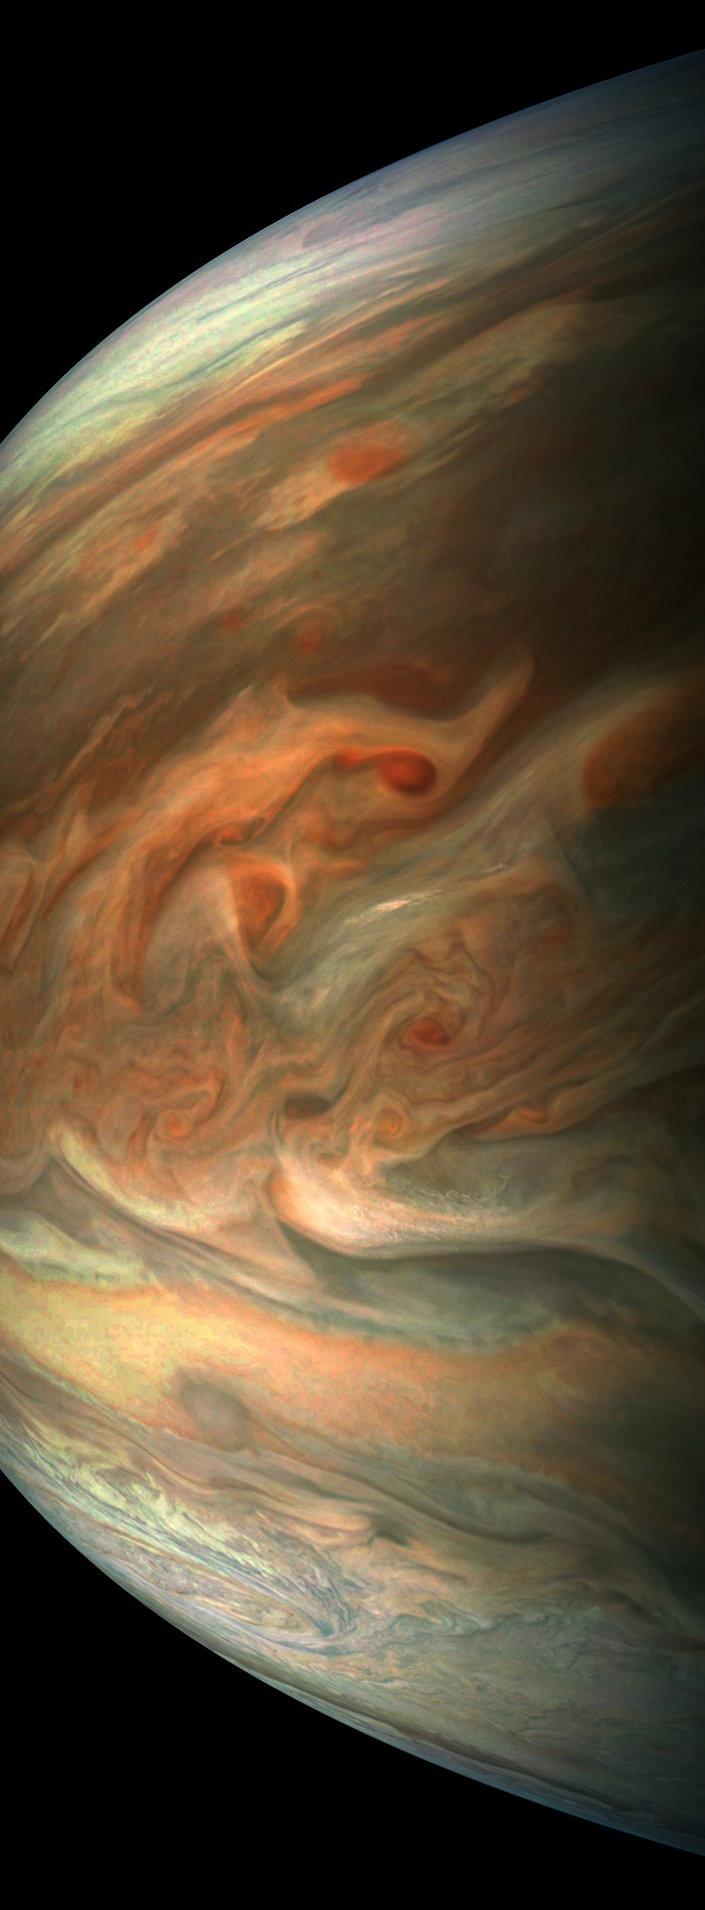 Imagem impressionante de Júpiter tirada pela sonda Juno durante seu oitavo voo